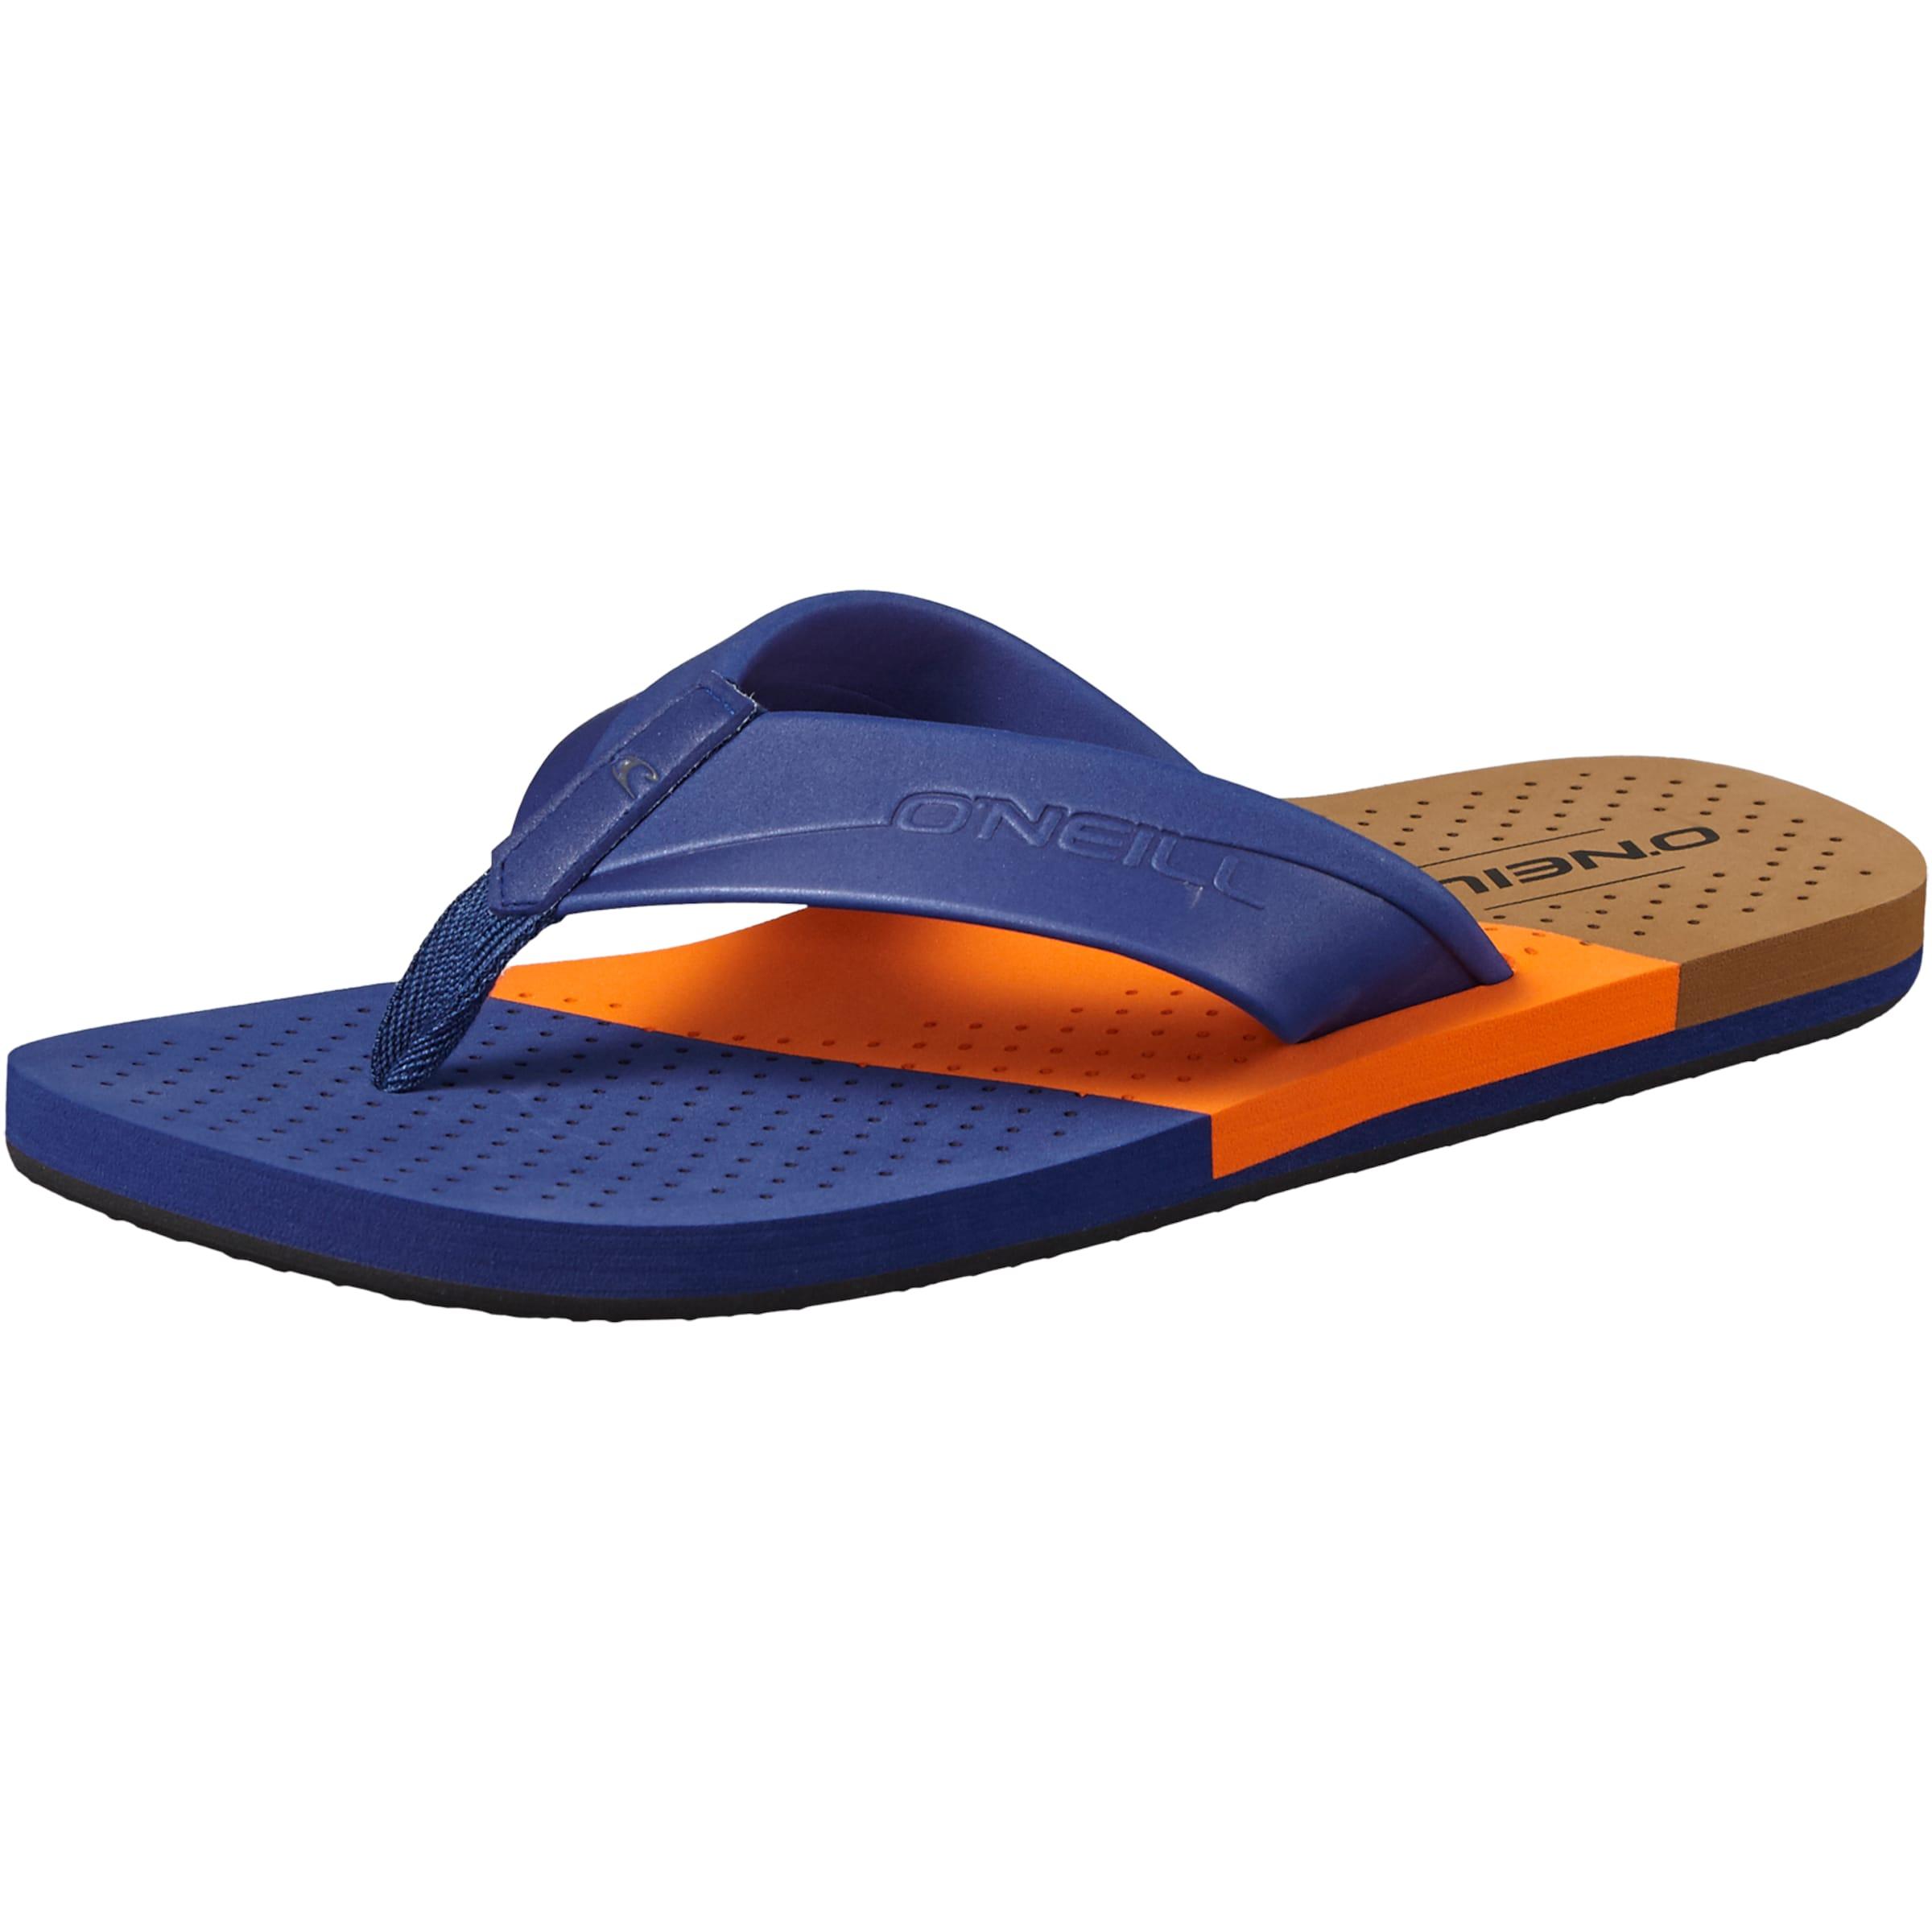 O'NEILL | 'FM IMPRINT PUNCH  FLOPS' Zehentrenner Schuhe Gut getragene Schuhe